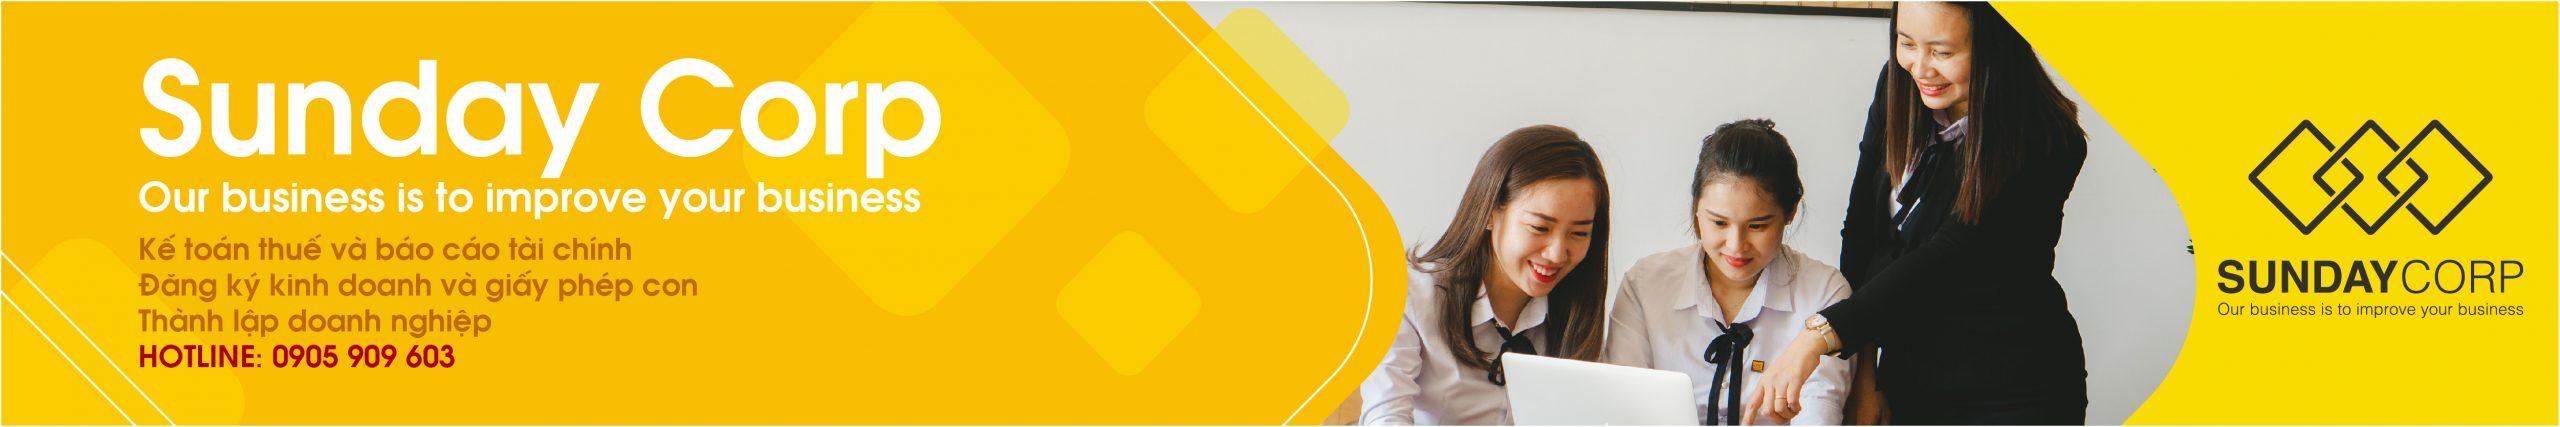 Dịch vụ làm giấy phép kinh doanh tại Đà Nẵng - Sunday Corp